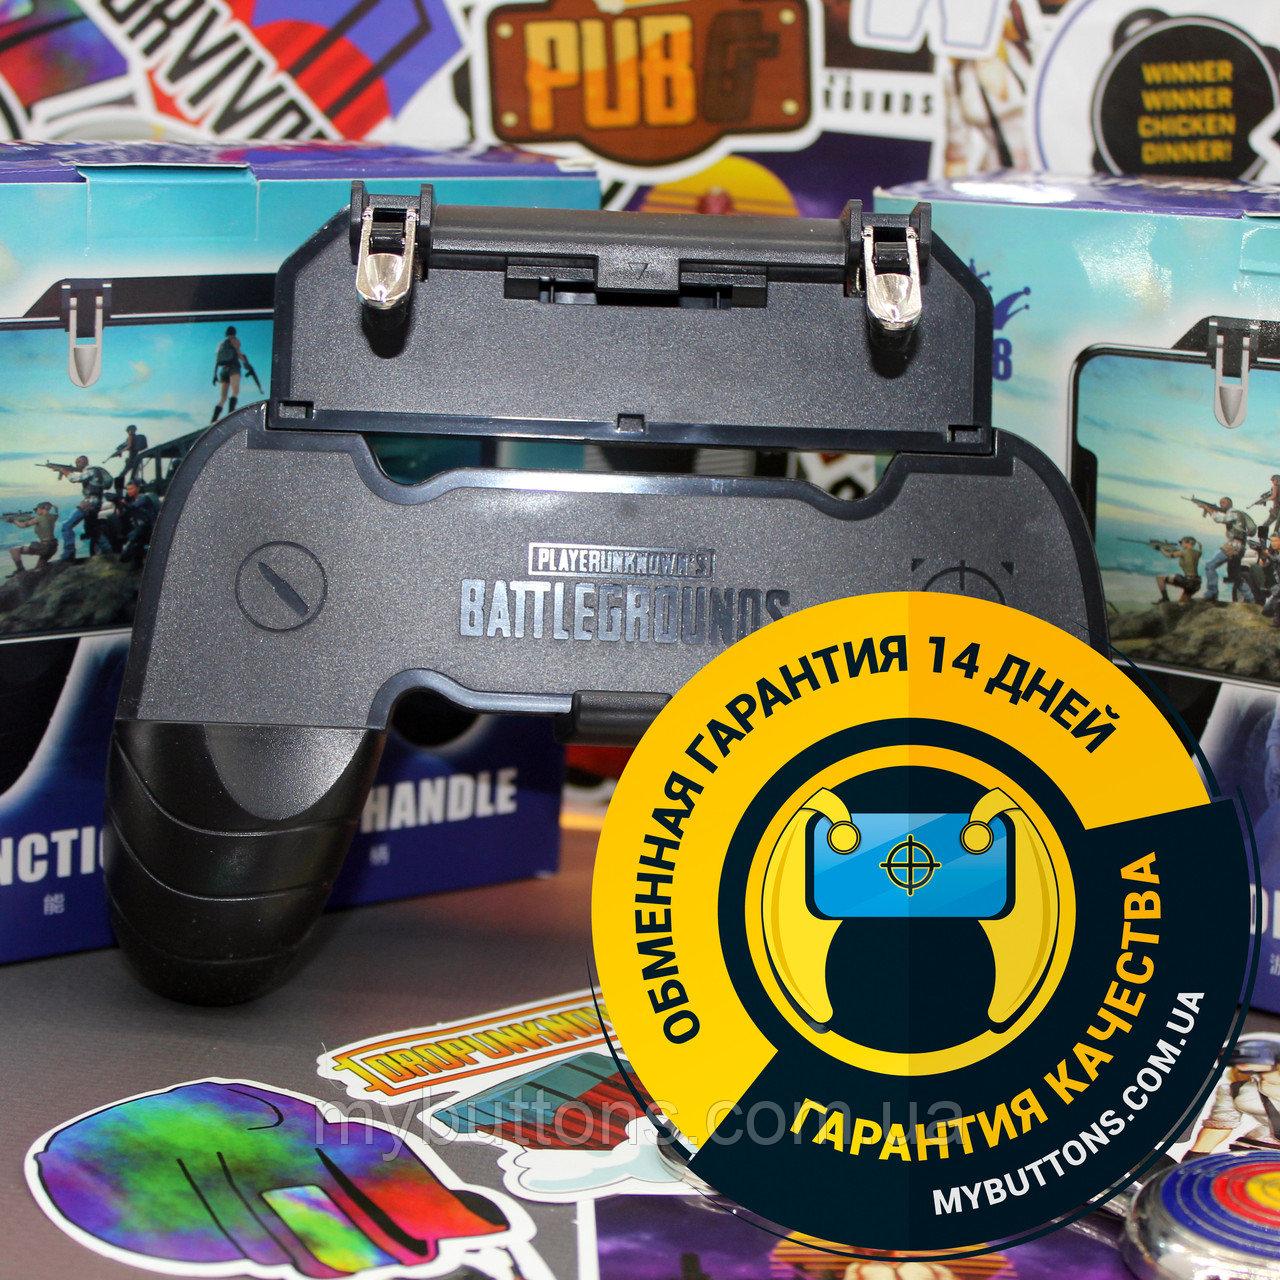 Улучшеный W18 игровой геймпад (триггер, курки, контроллер, джойстик) для игры в PUBG (Черный)